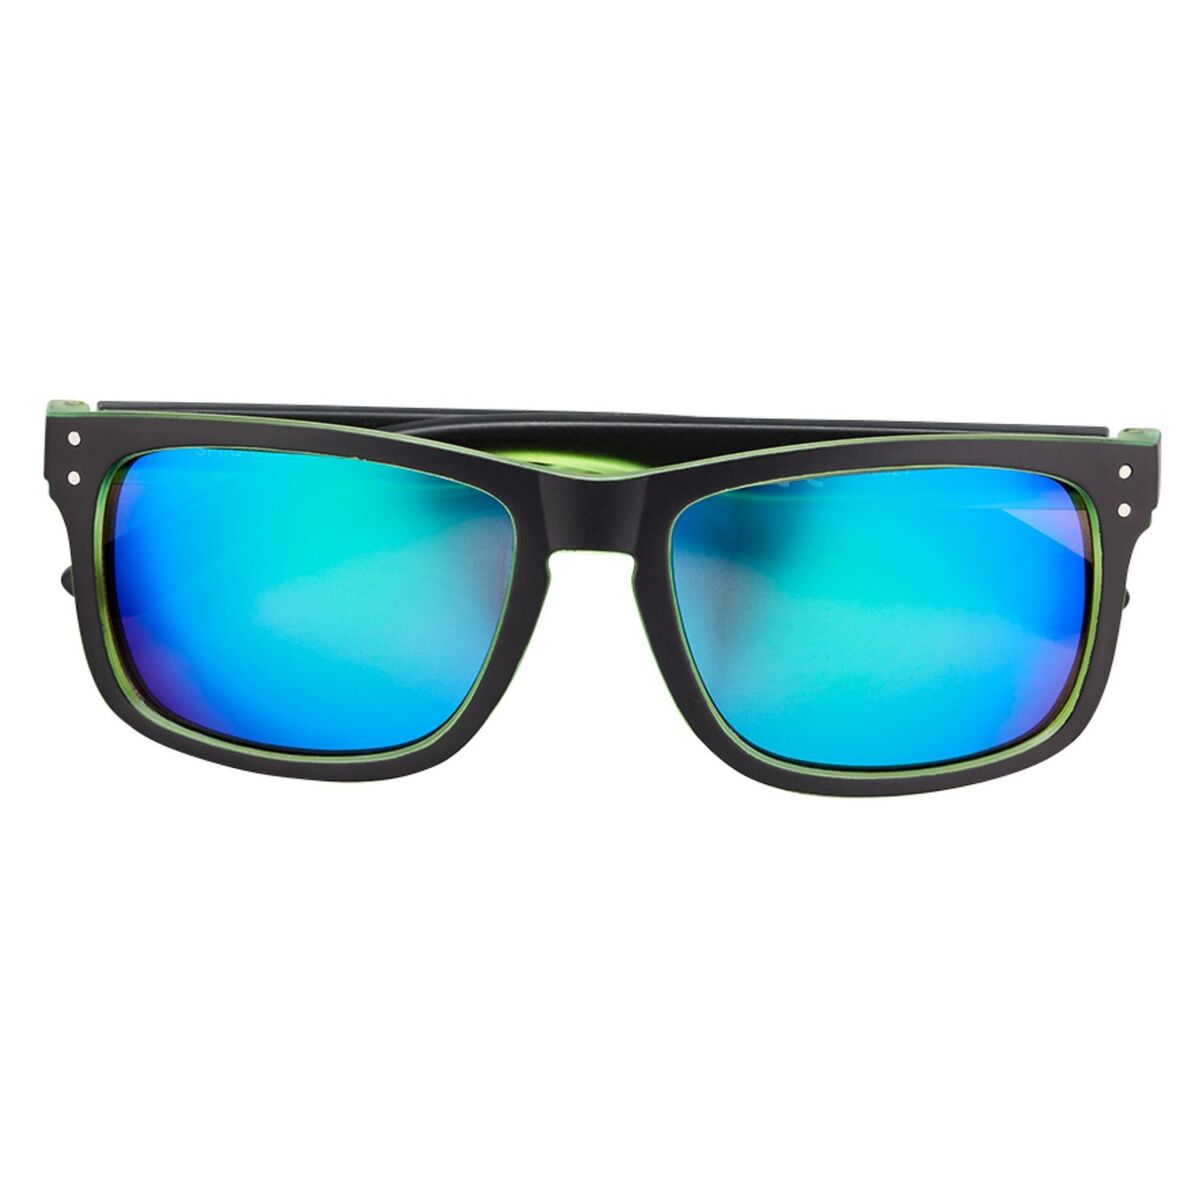 Bild 2 von Maui and Sons®  Sonnenbrille